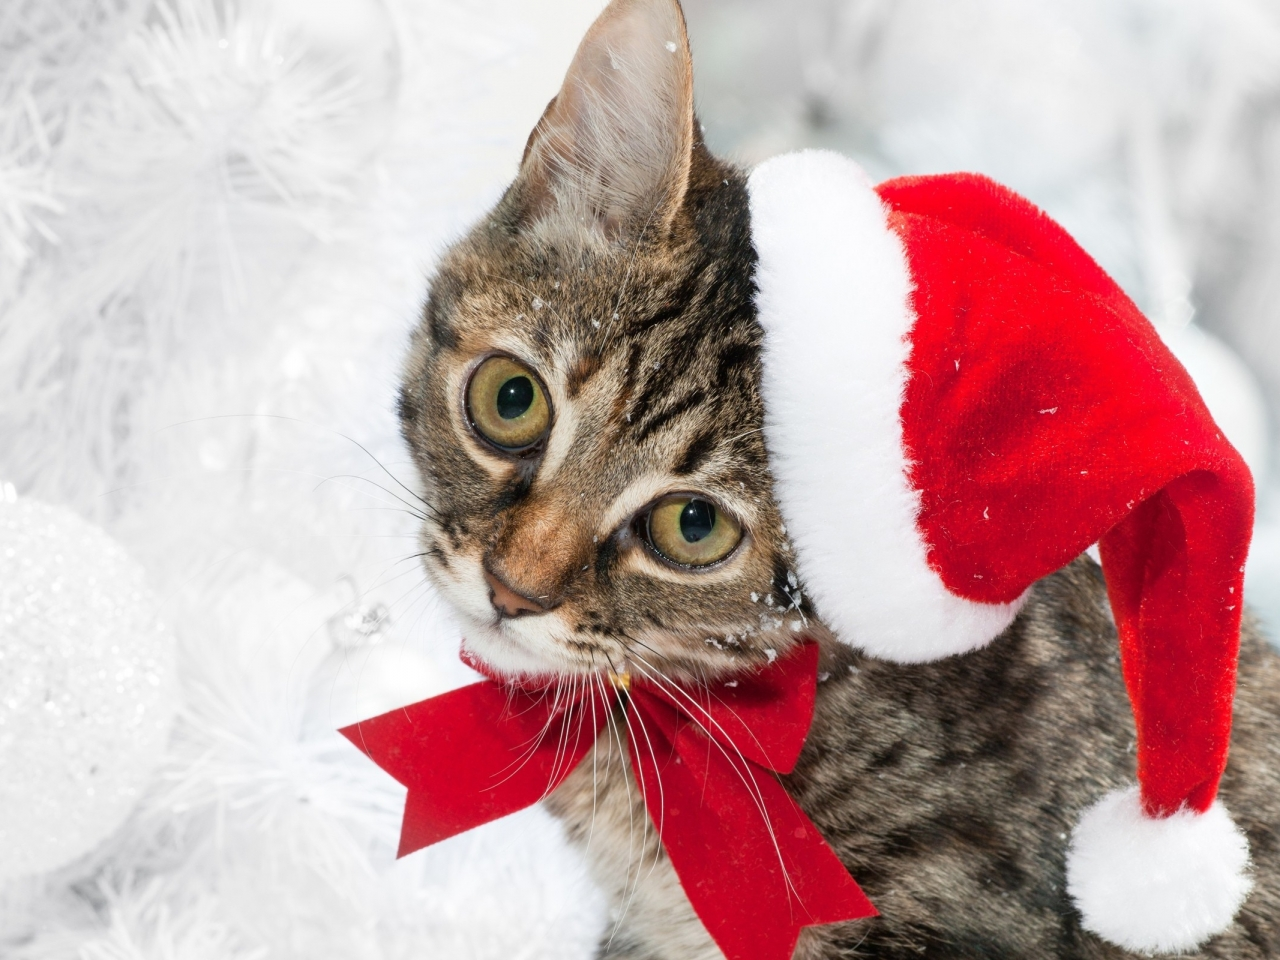 Lindo gato con gorro de navidad - 1280x960